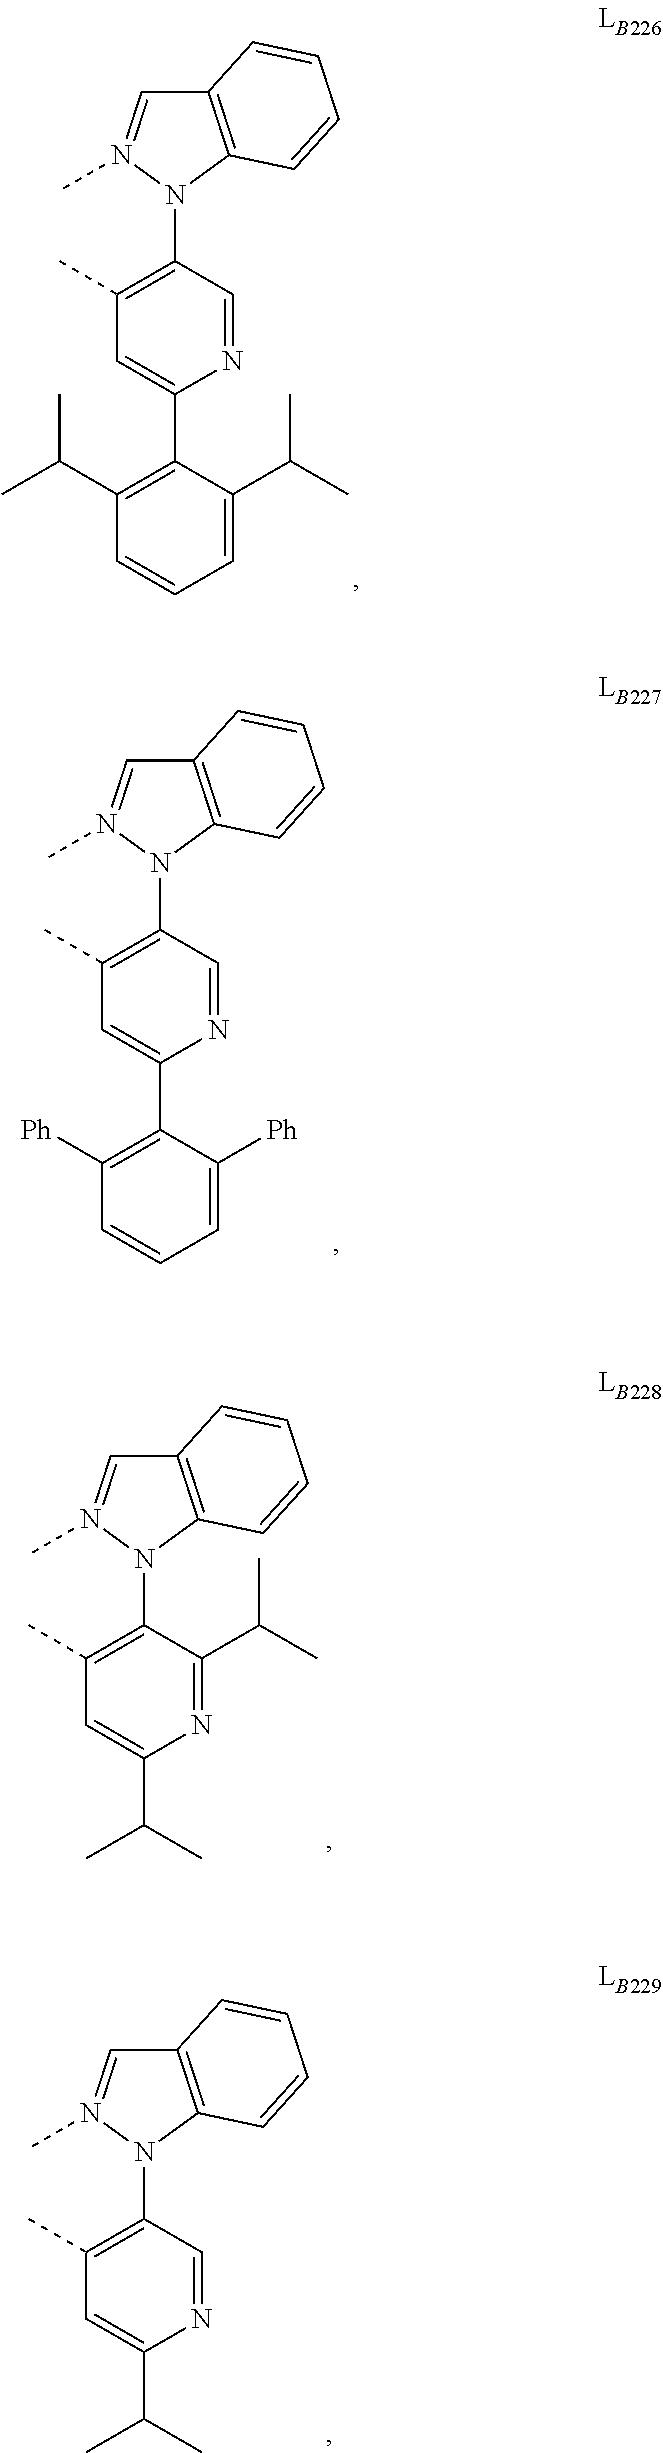 Figure US09905785-20180227-C00608